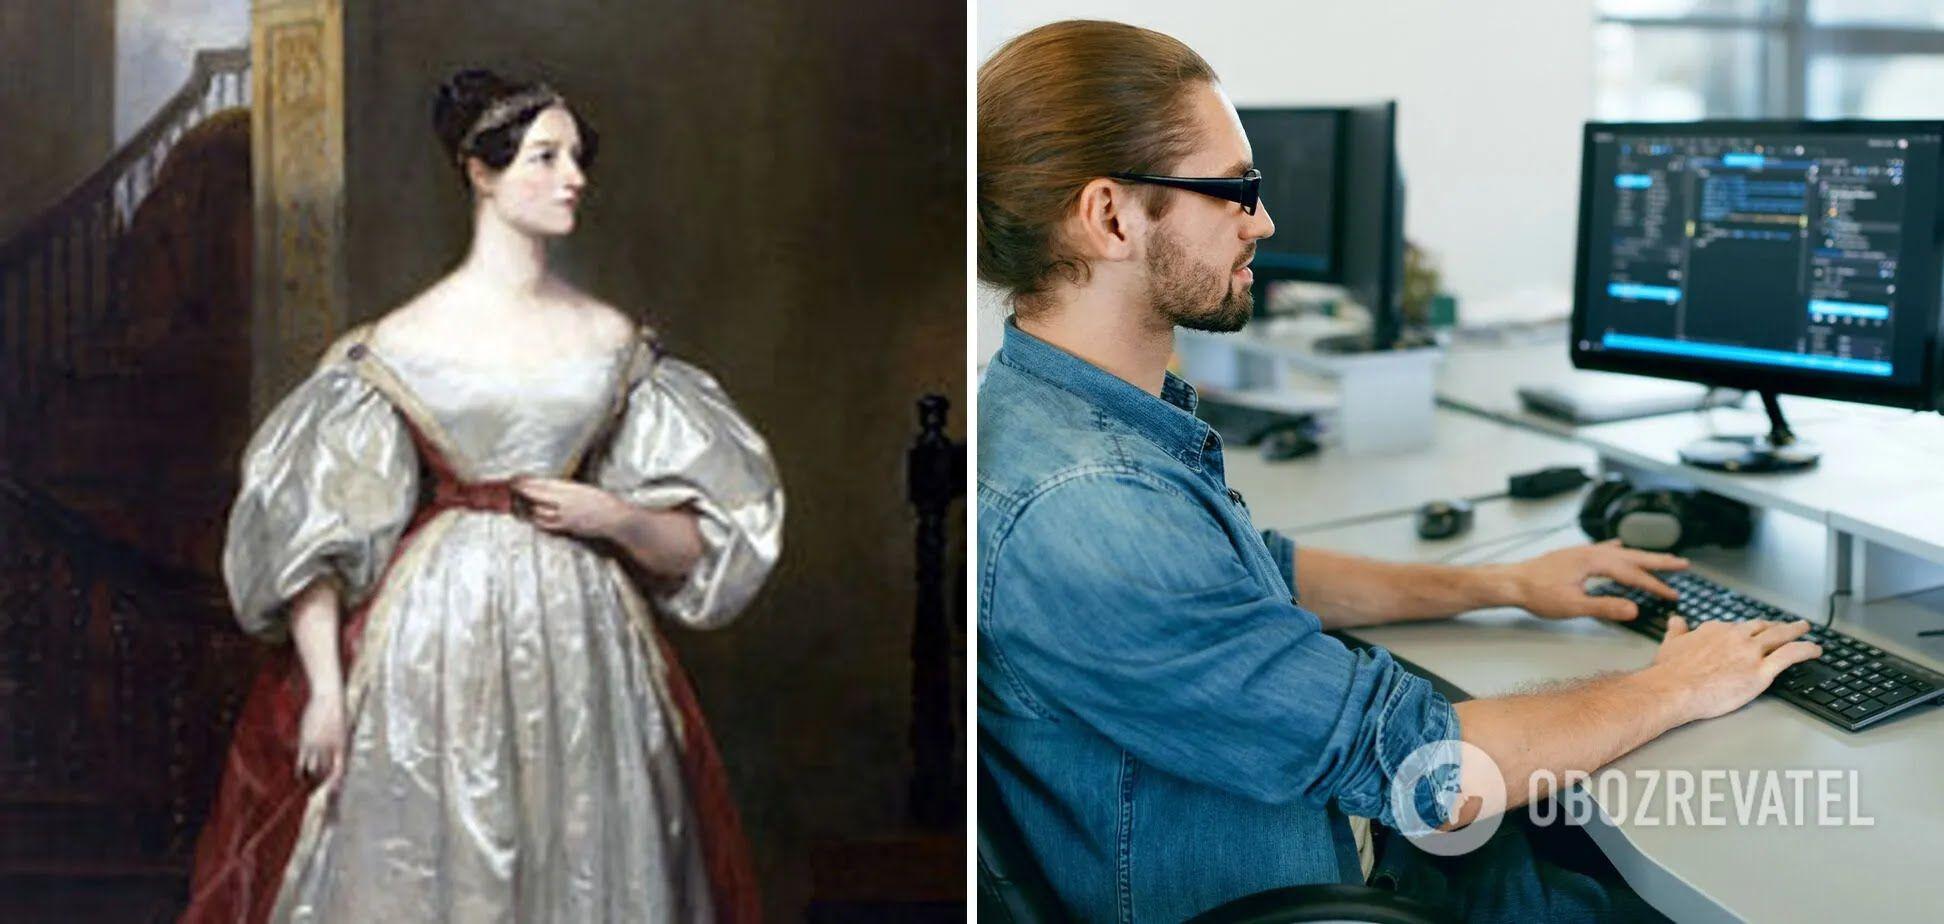 Перша програмістка була понад 100 років тому